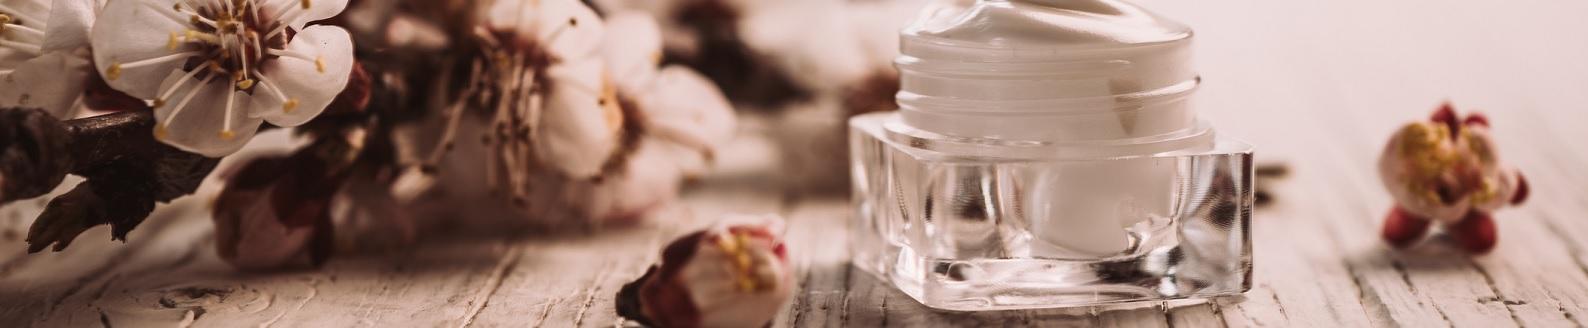 Pots pour crèmes